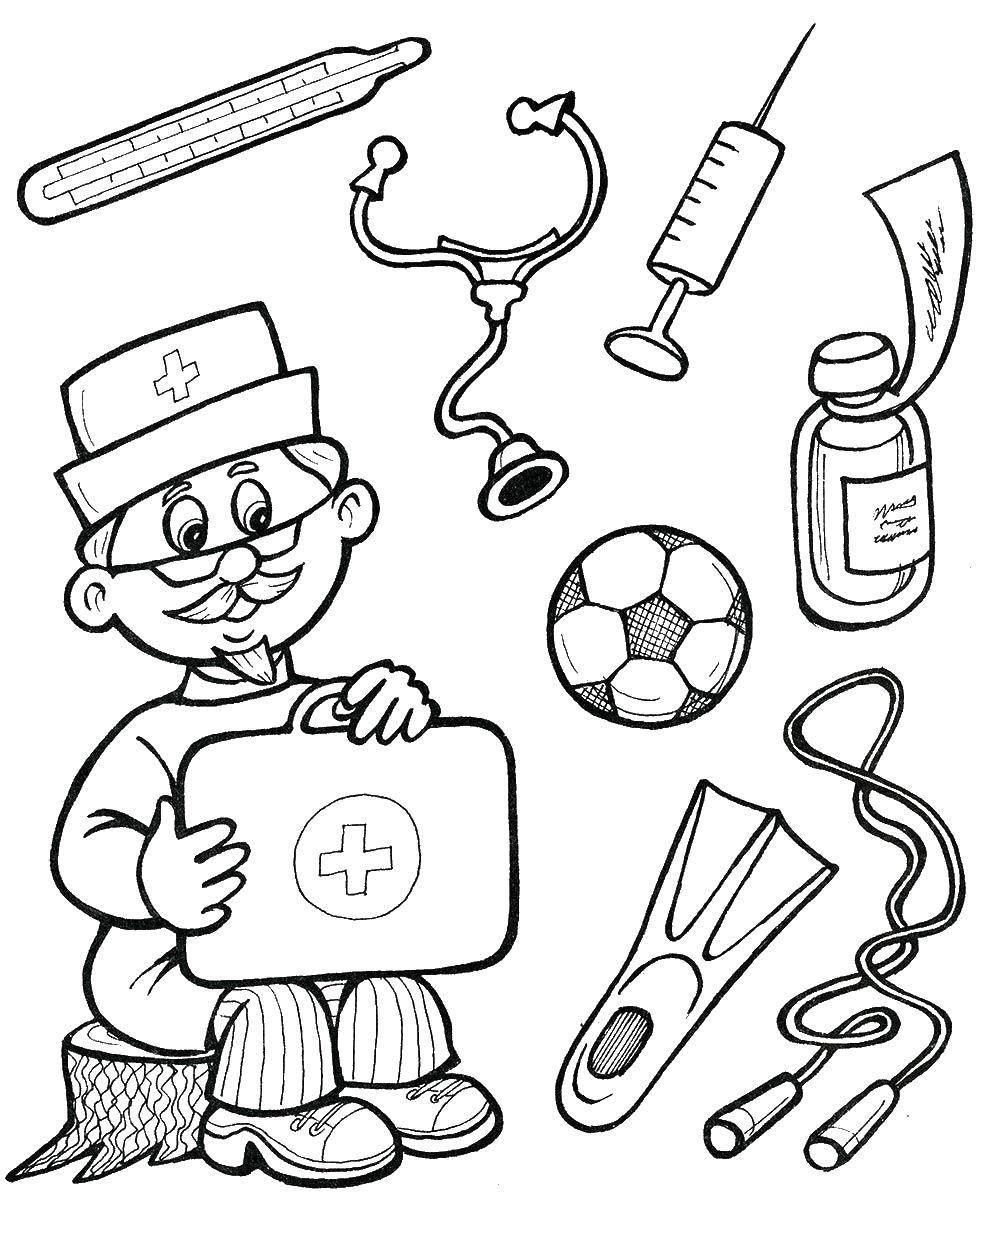 Раскраска доктор Скачать контур, мишка.  Распечатать ,Контур медведя для вырезания,